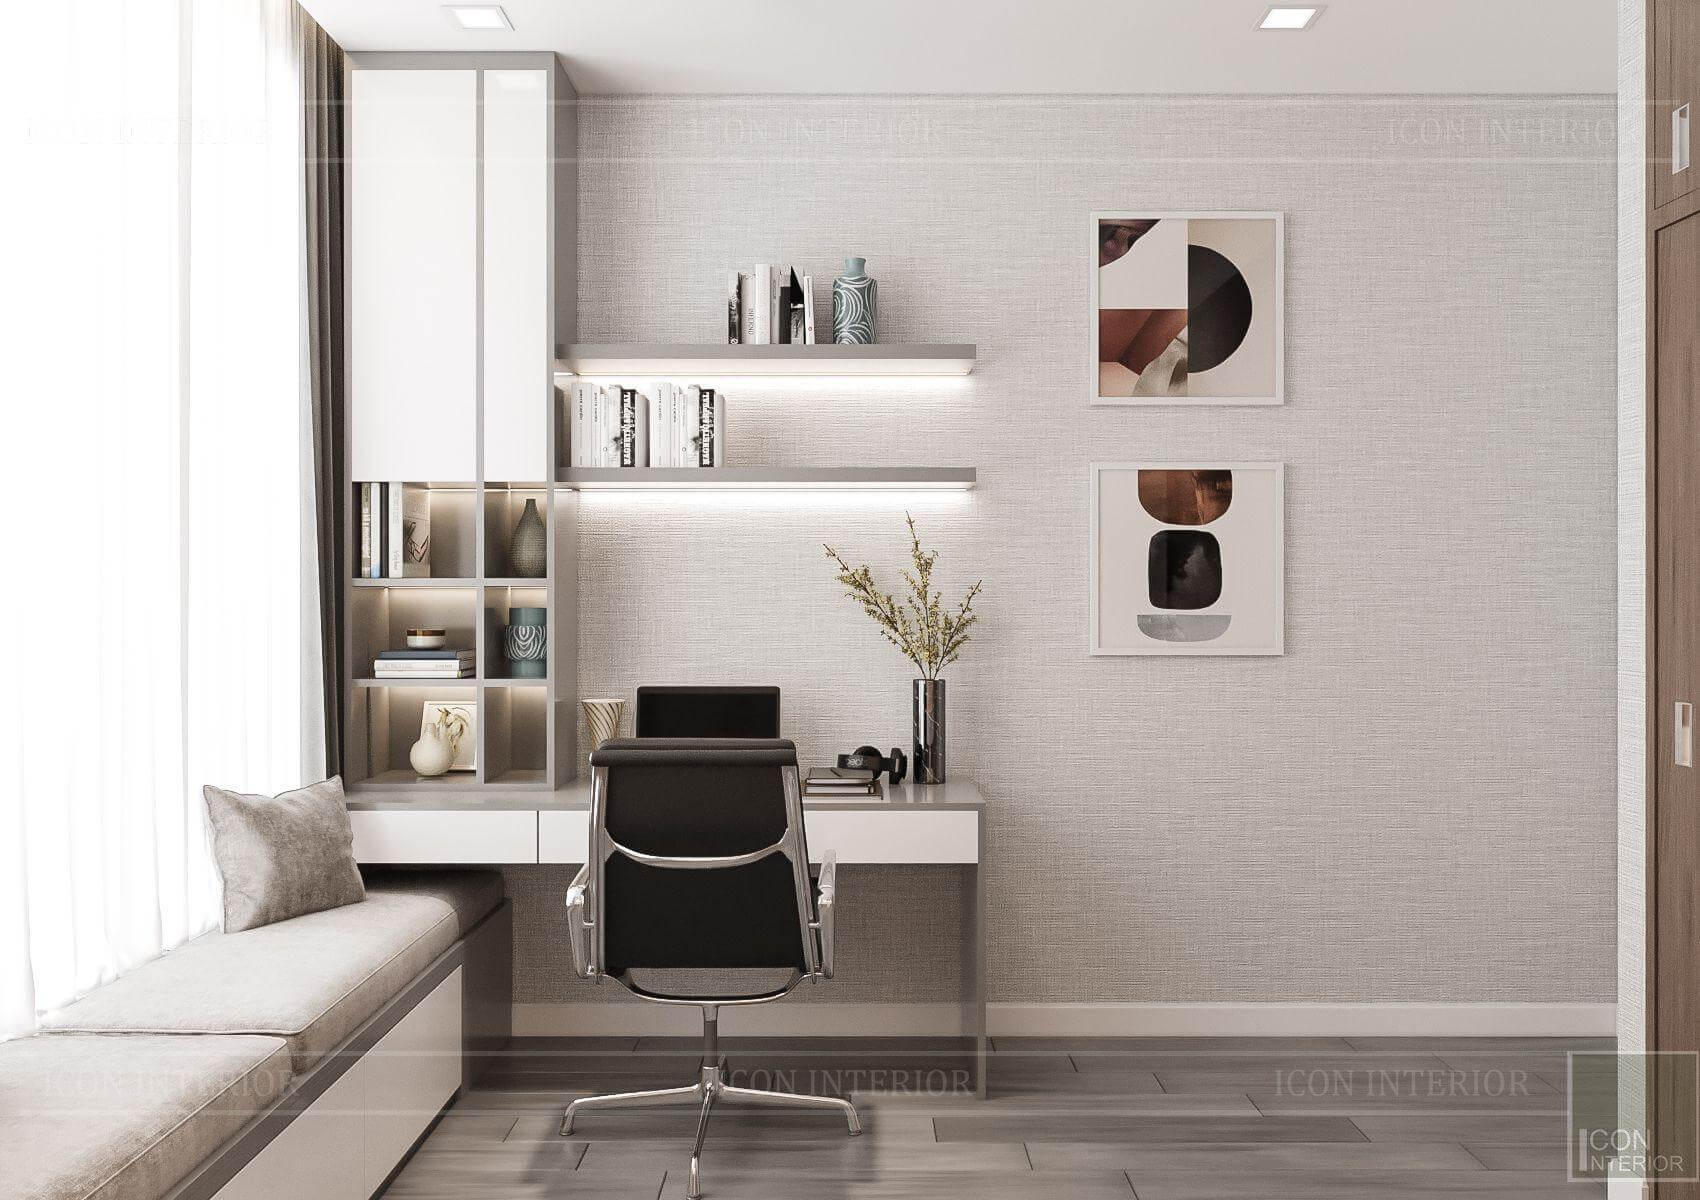 Thiết kế nội thất căn hộ chung cư Vinhomes Ba Son - phòng làm việc